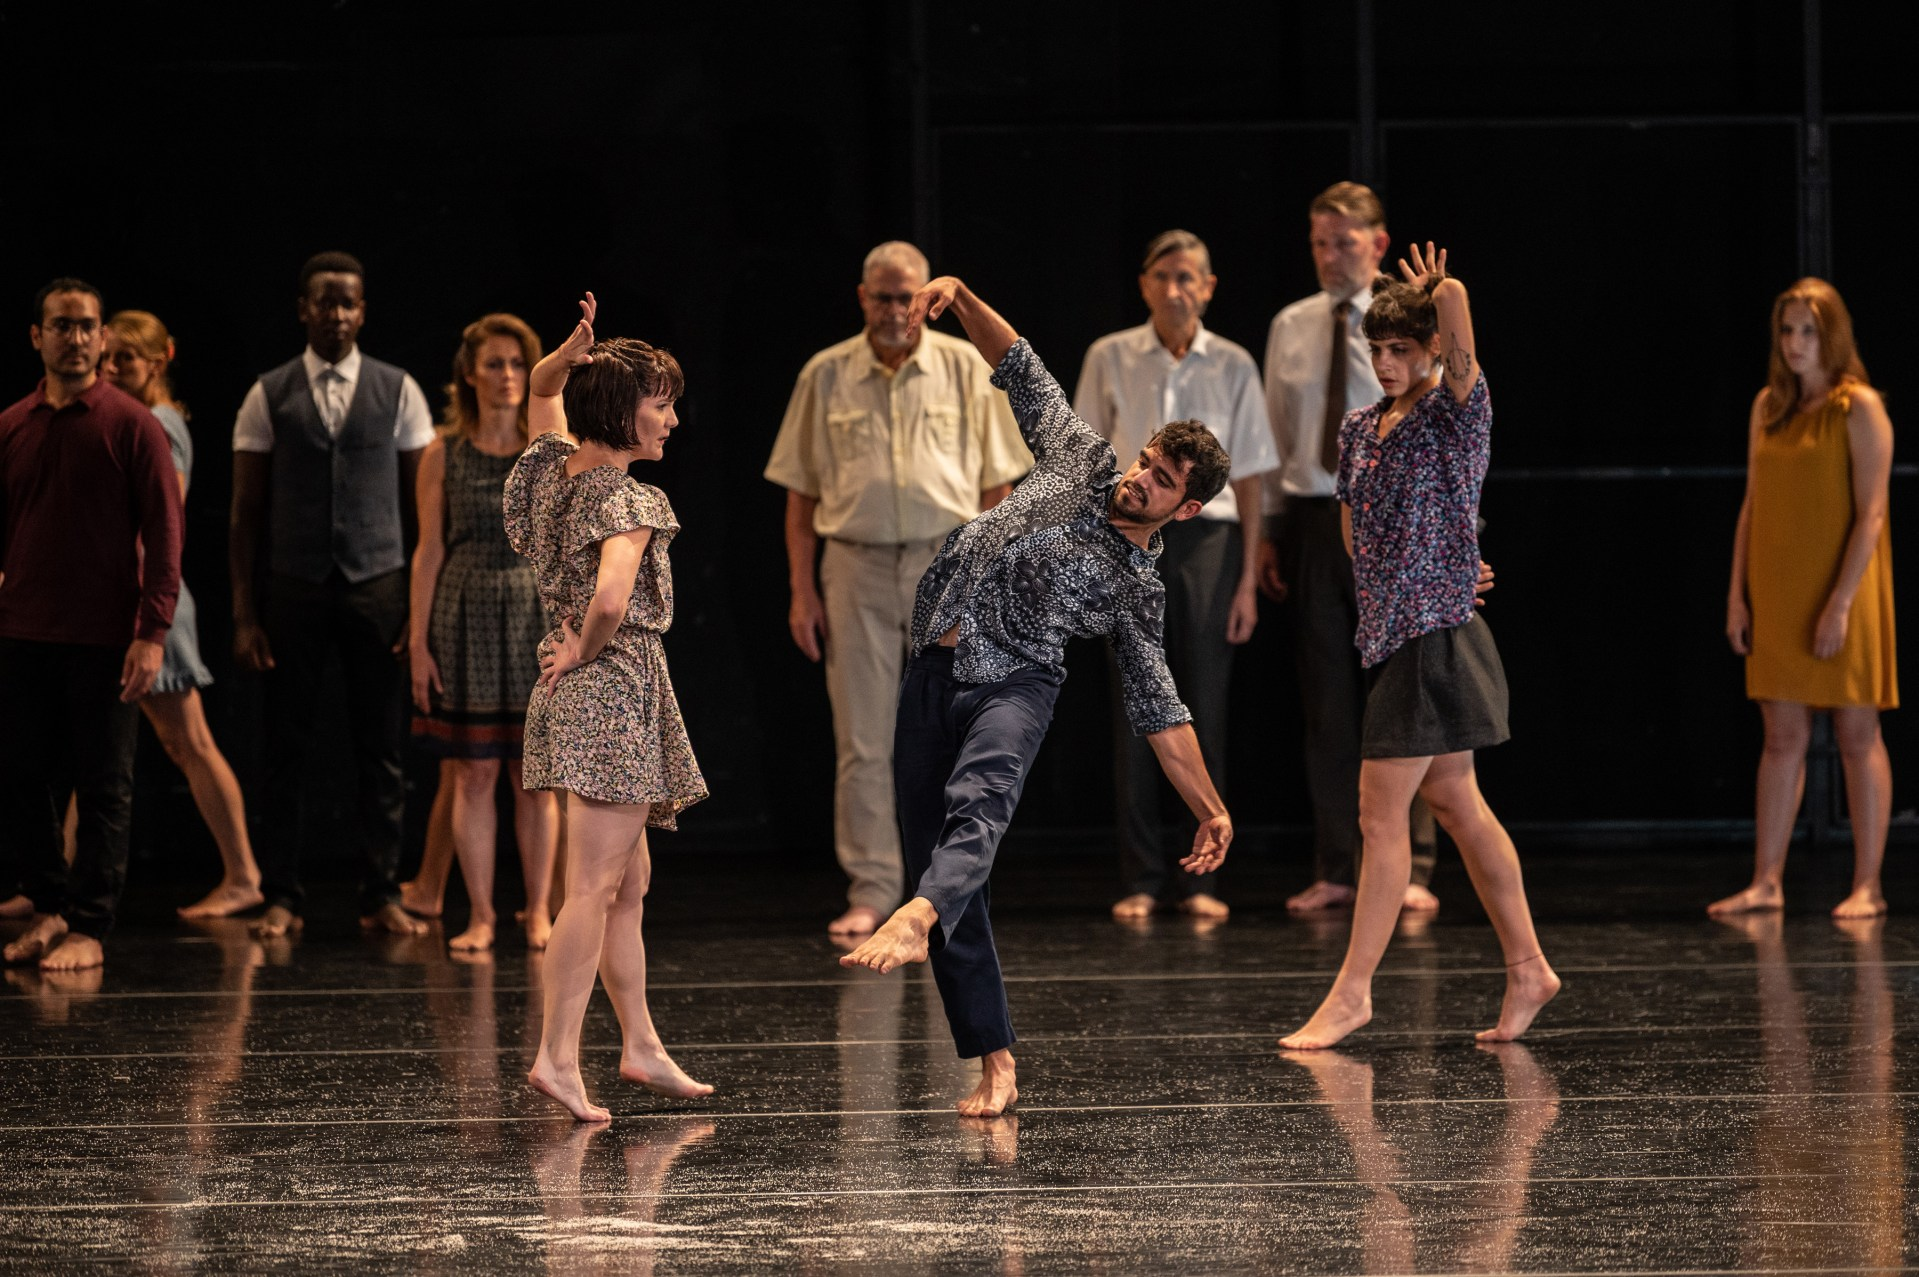 coreografia-requiem-sià-karà-bolzano-danza